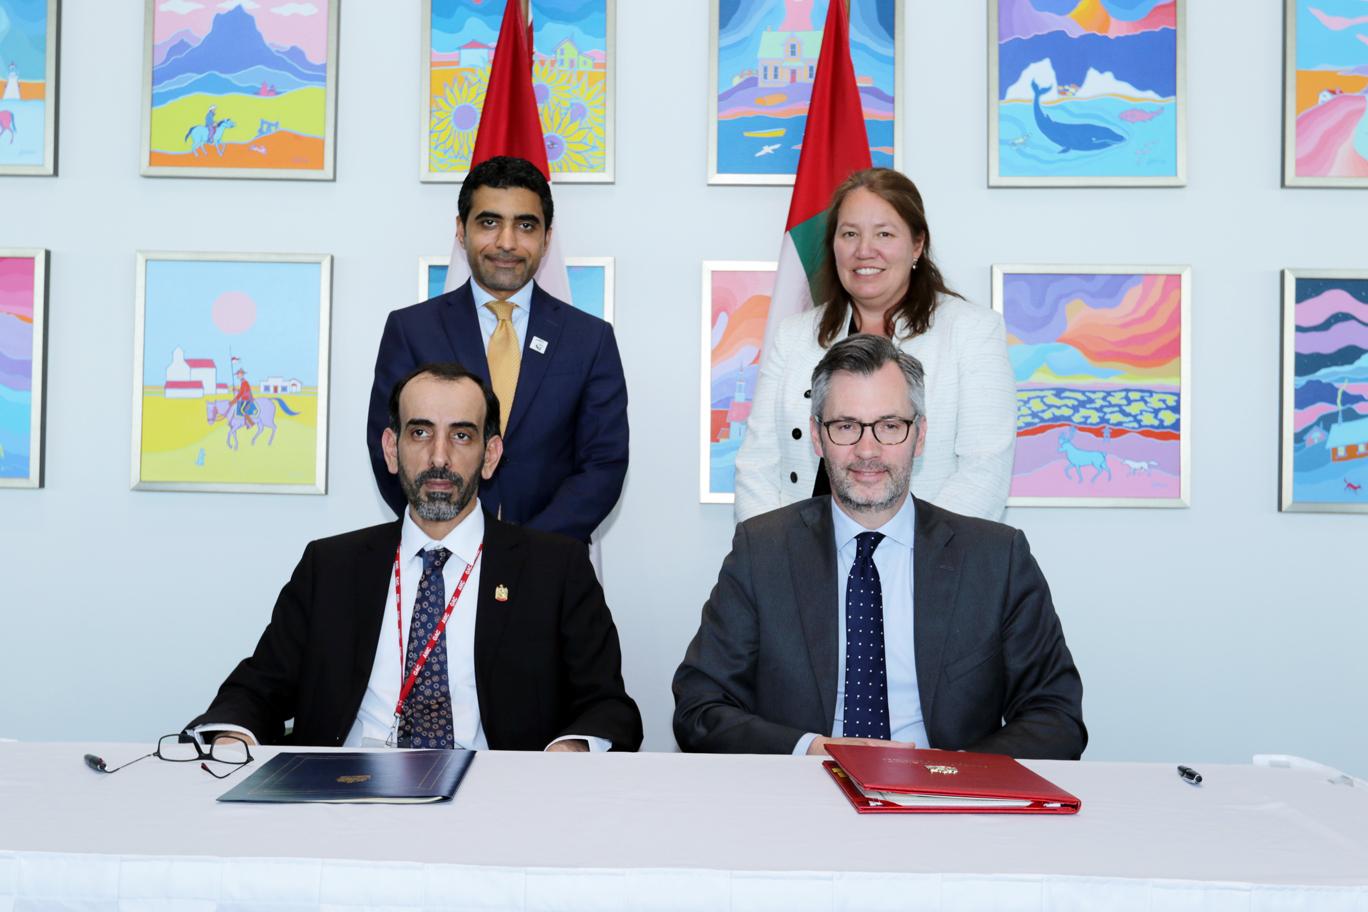 أوتاوا تستضيف الاجتماع الثاني للجنة القنصلية المشتركة بين الإمارات وكندا